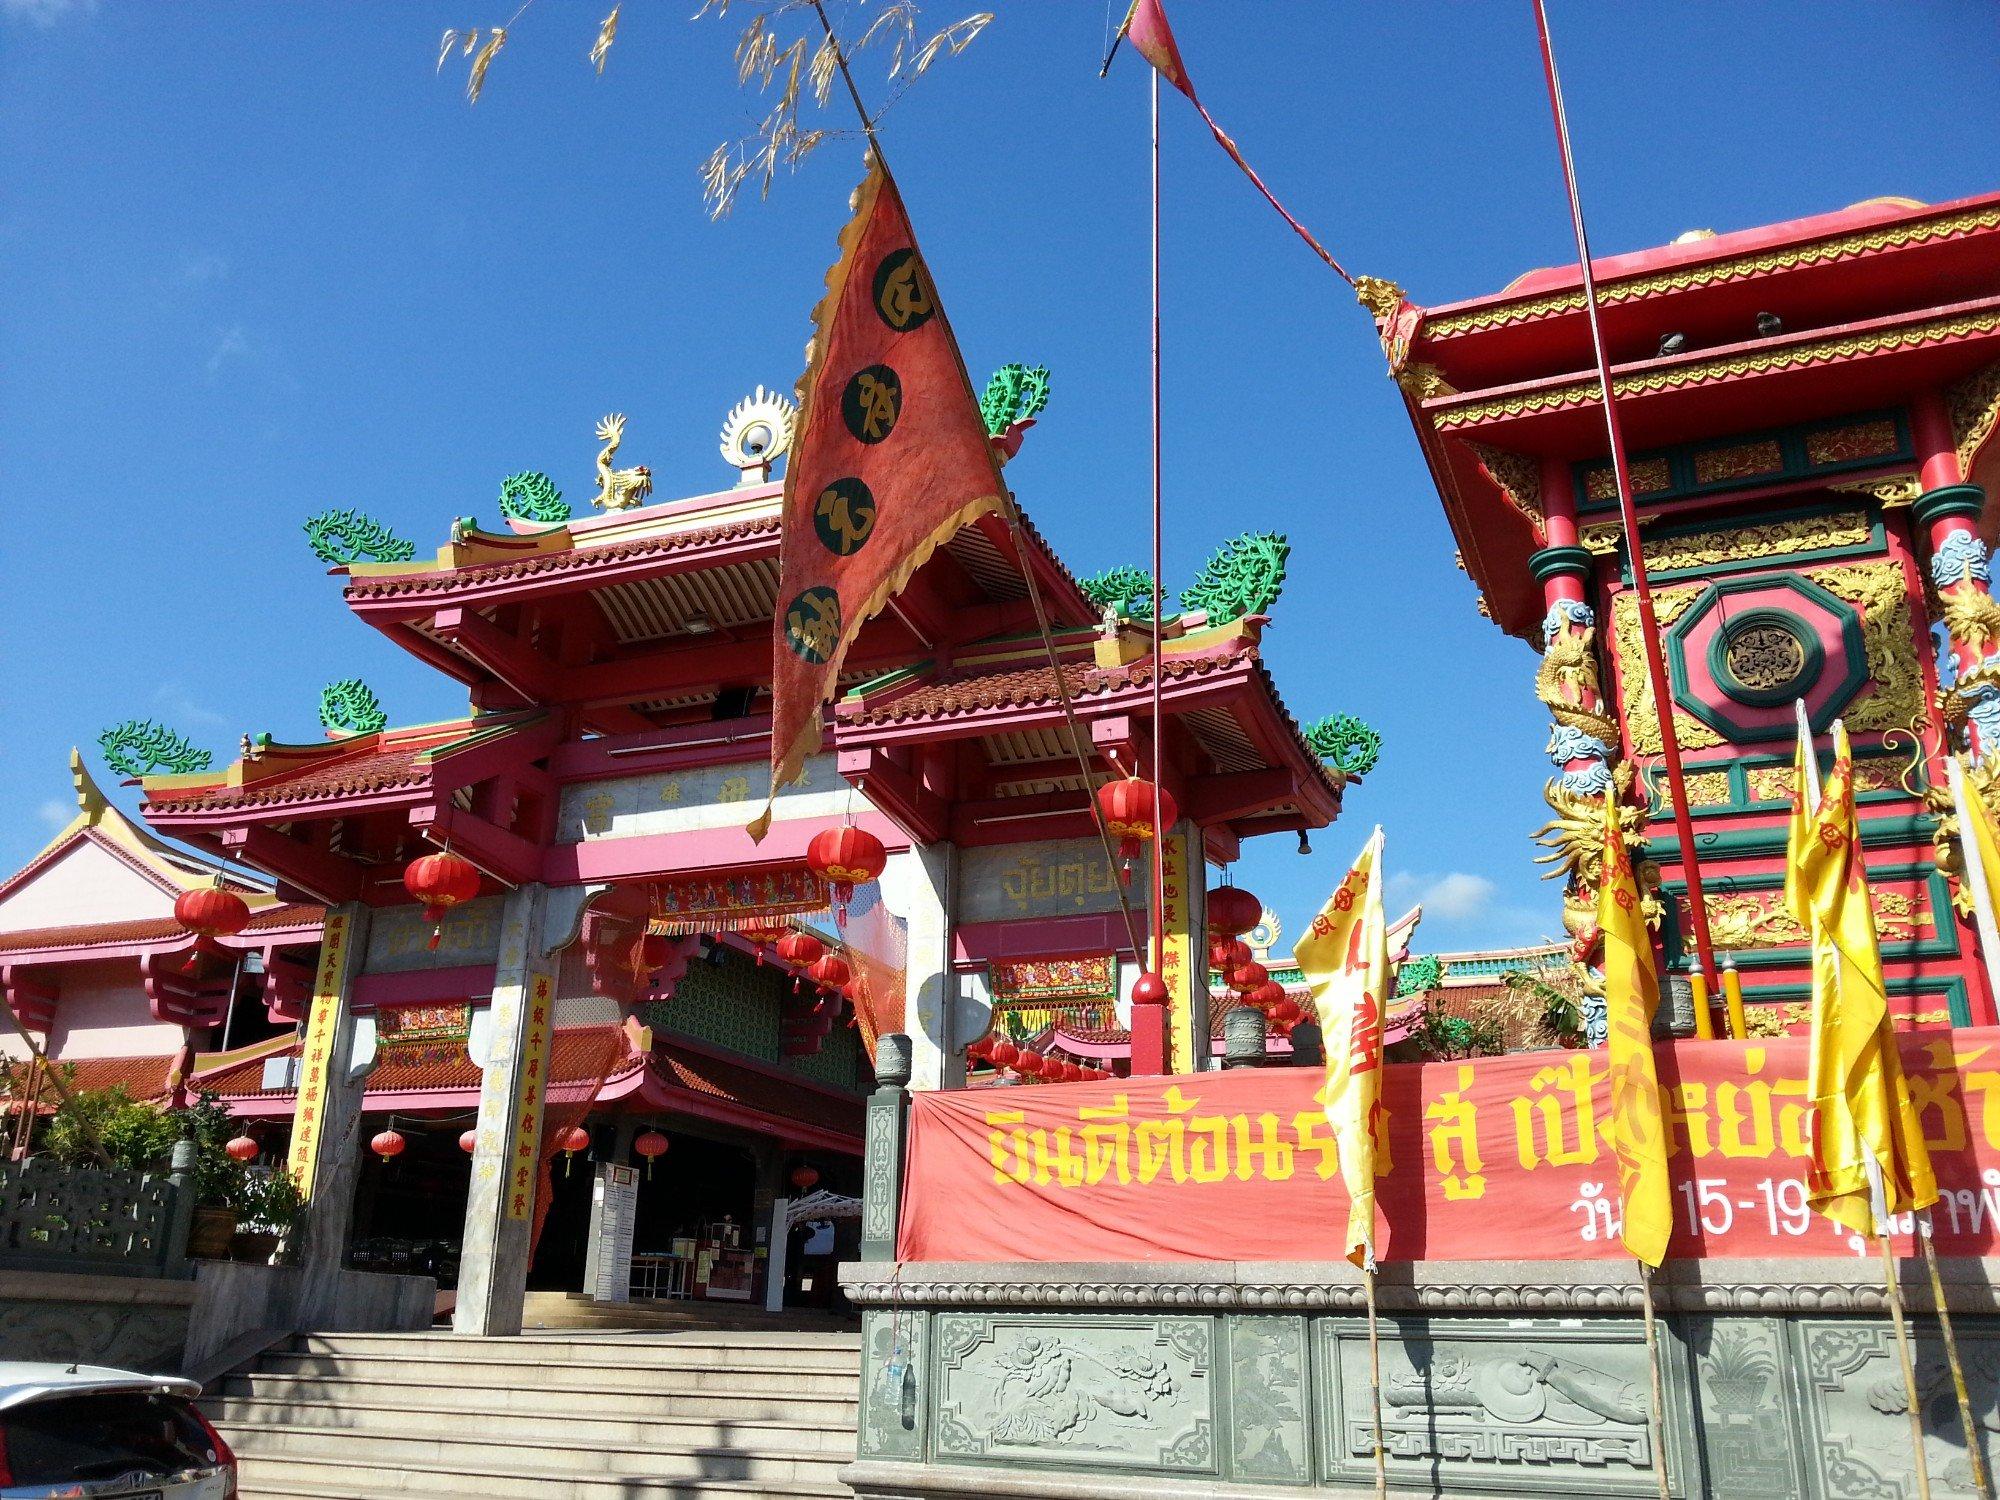 Entrance to the Jui Tui Shrine